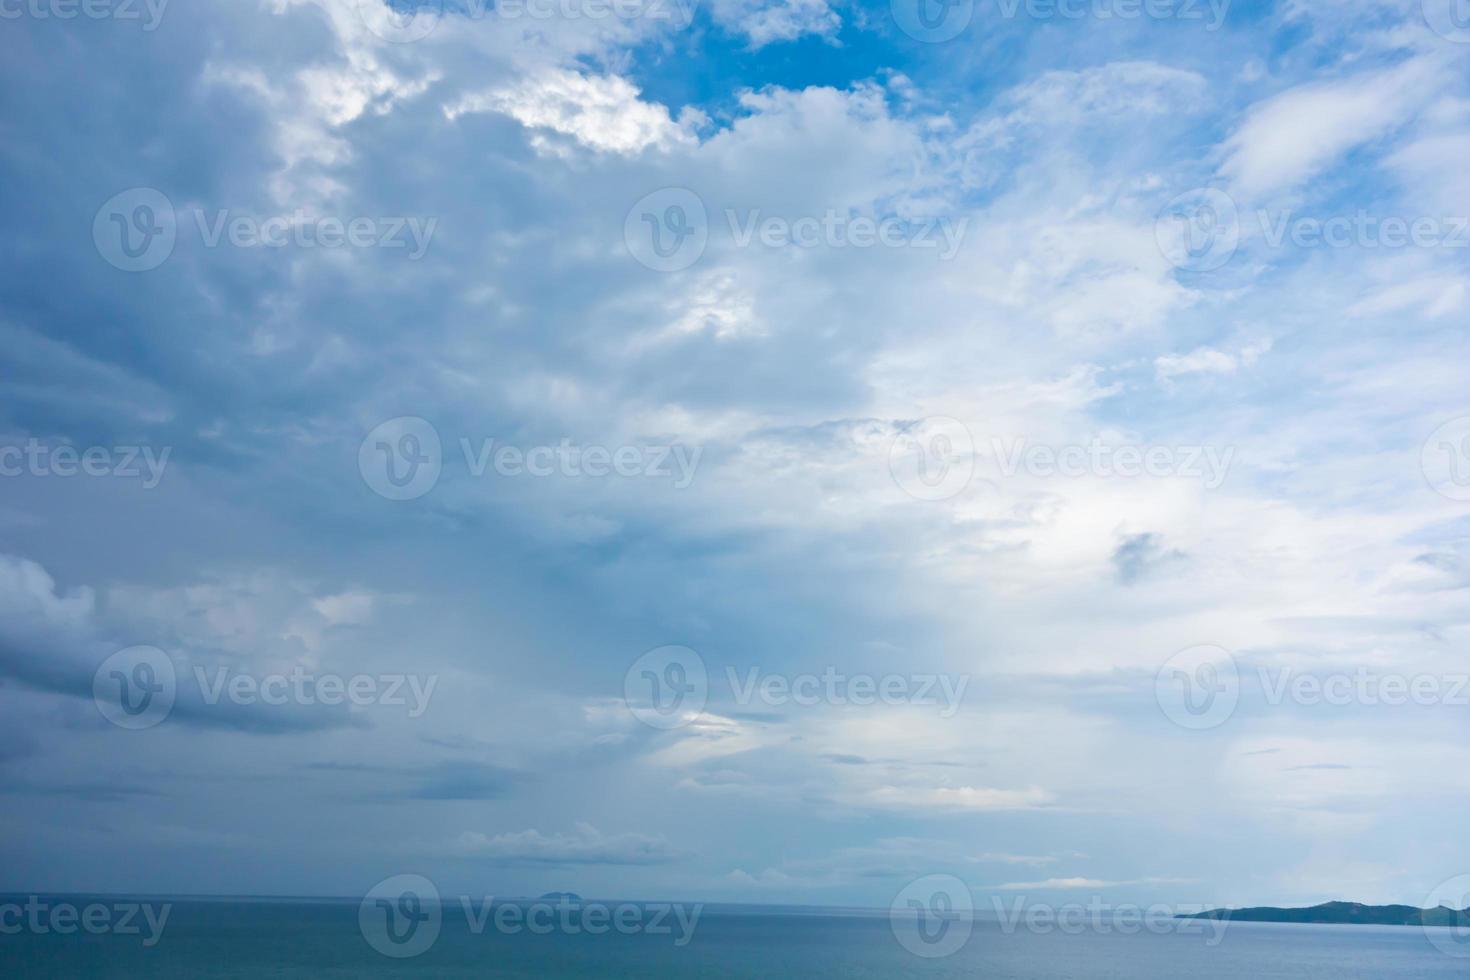 regnerischer Himmel foto